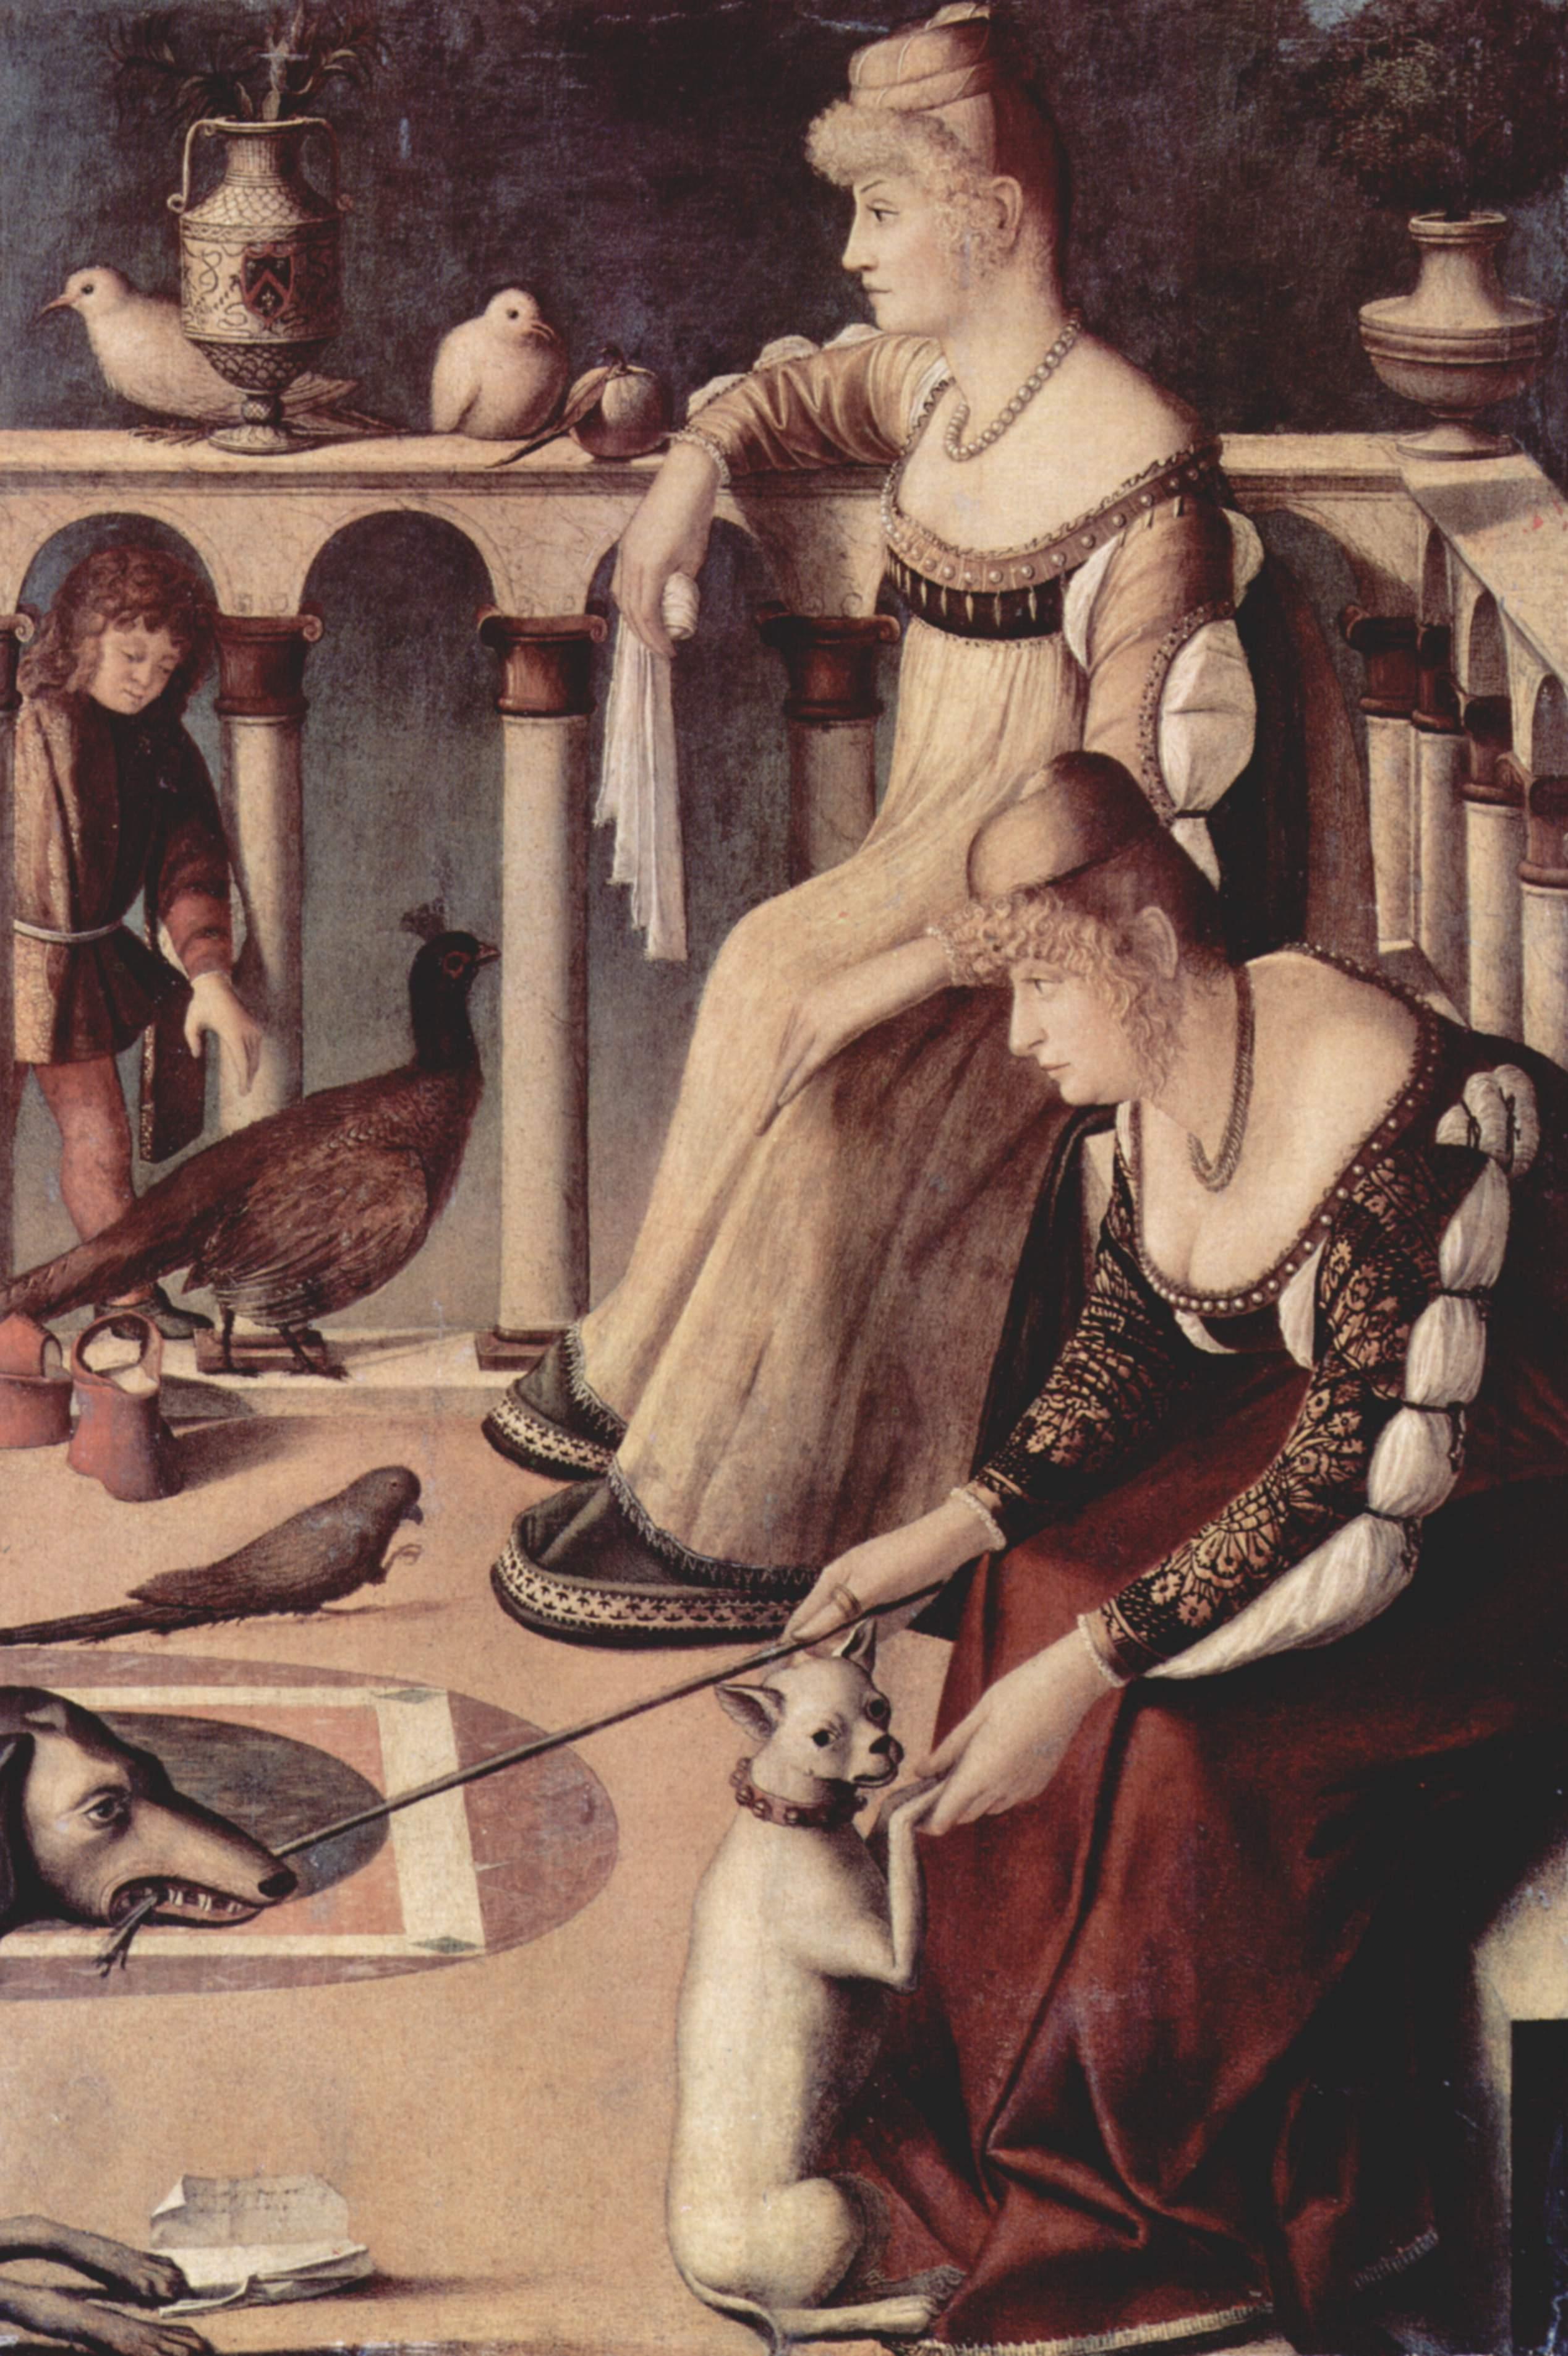 Två venetianska damer, en bild som, troligen felaktigt, påståts föreställa två kurtisaner.